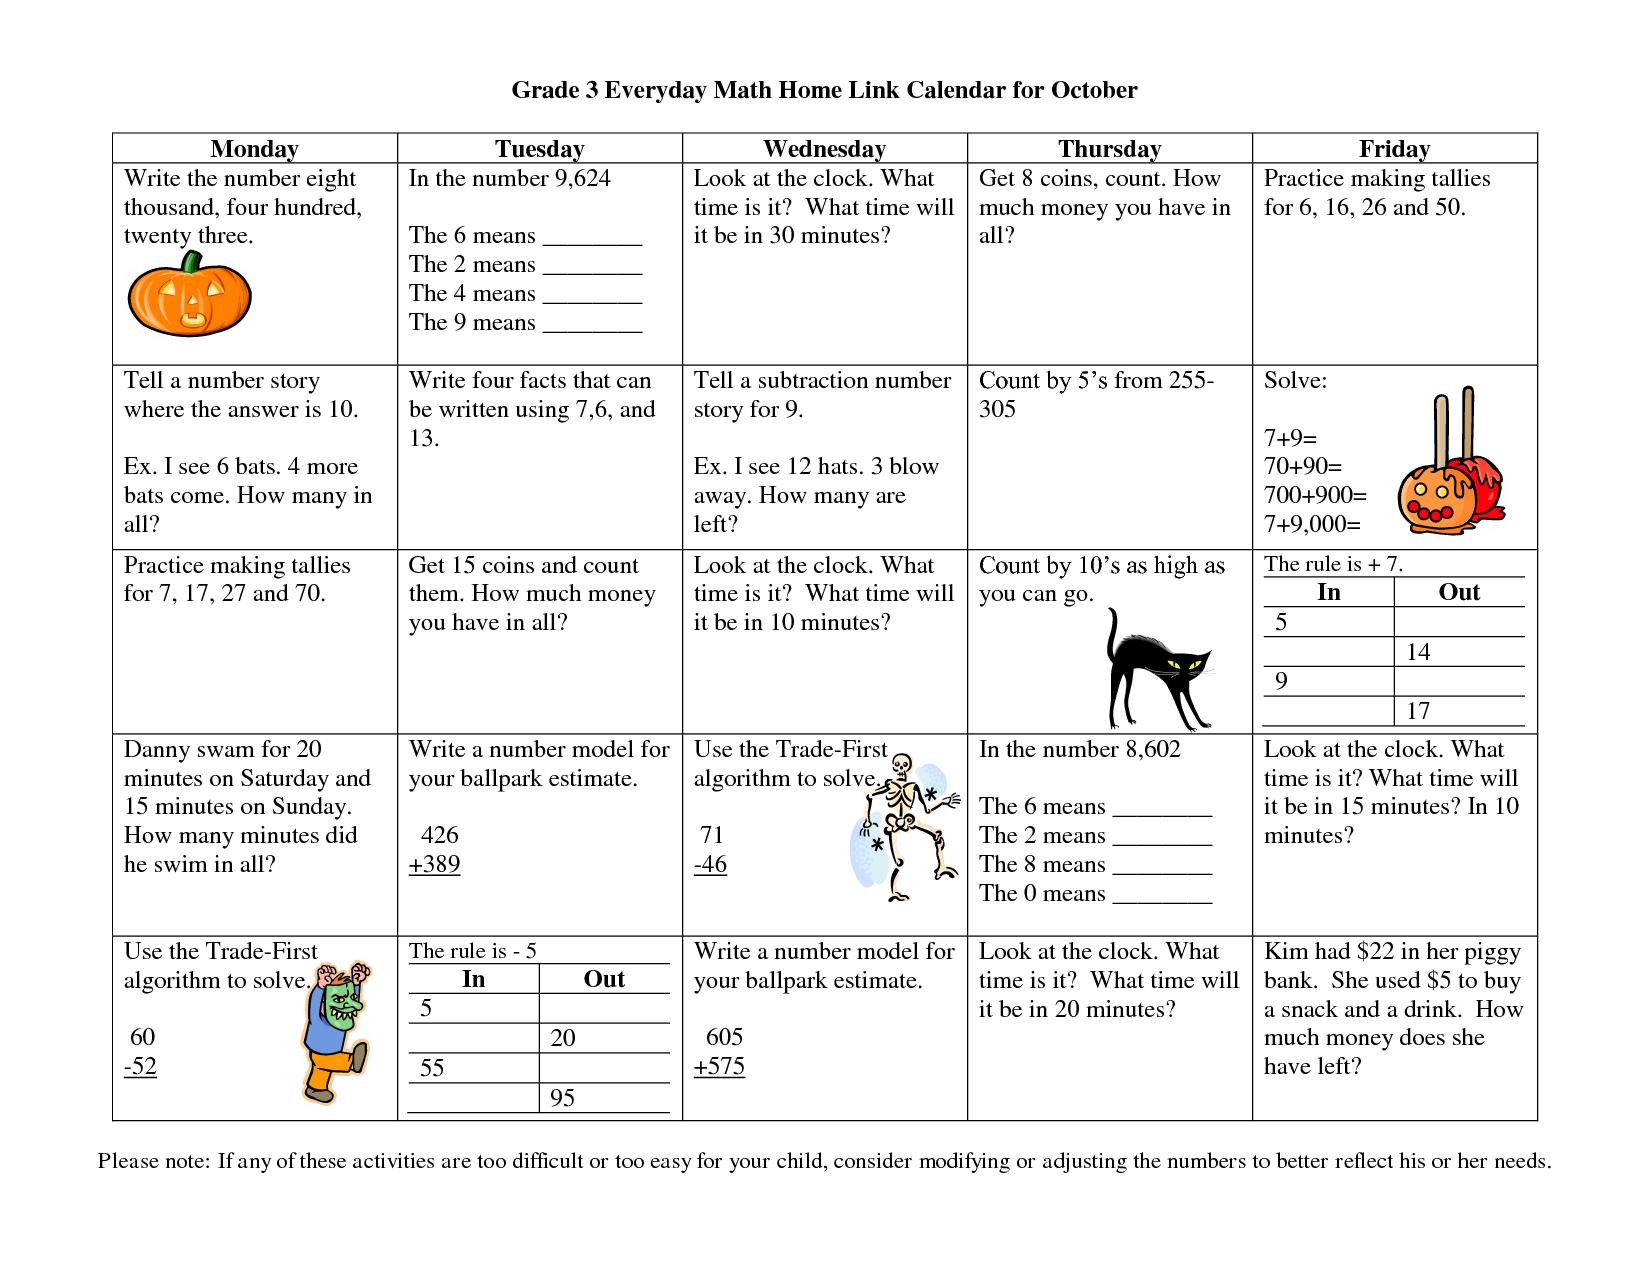 Grade 3 Everyday Math Home Link Calendar For October Everyday Math Calendar Math Third Grade Math